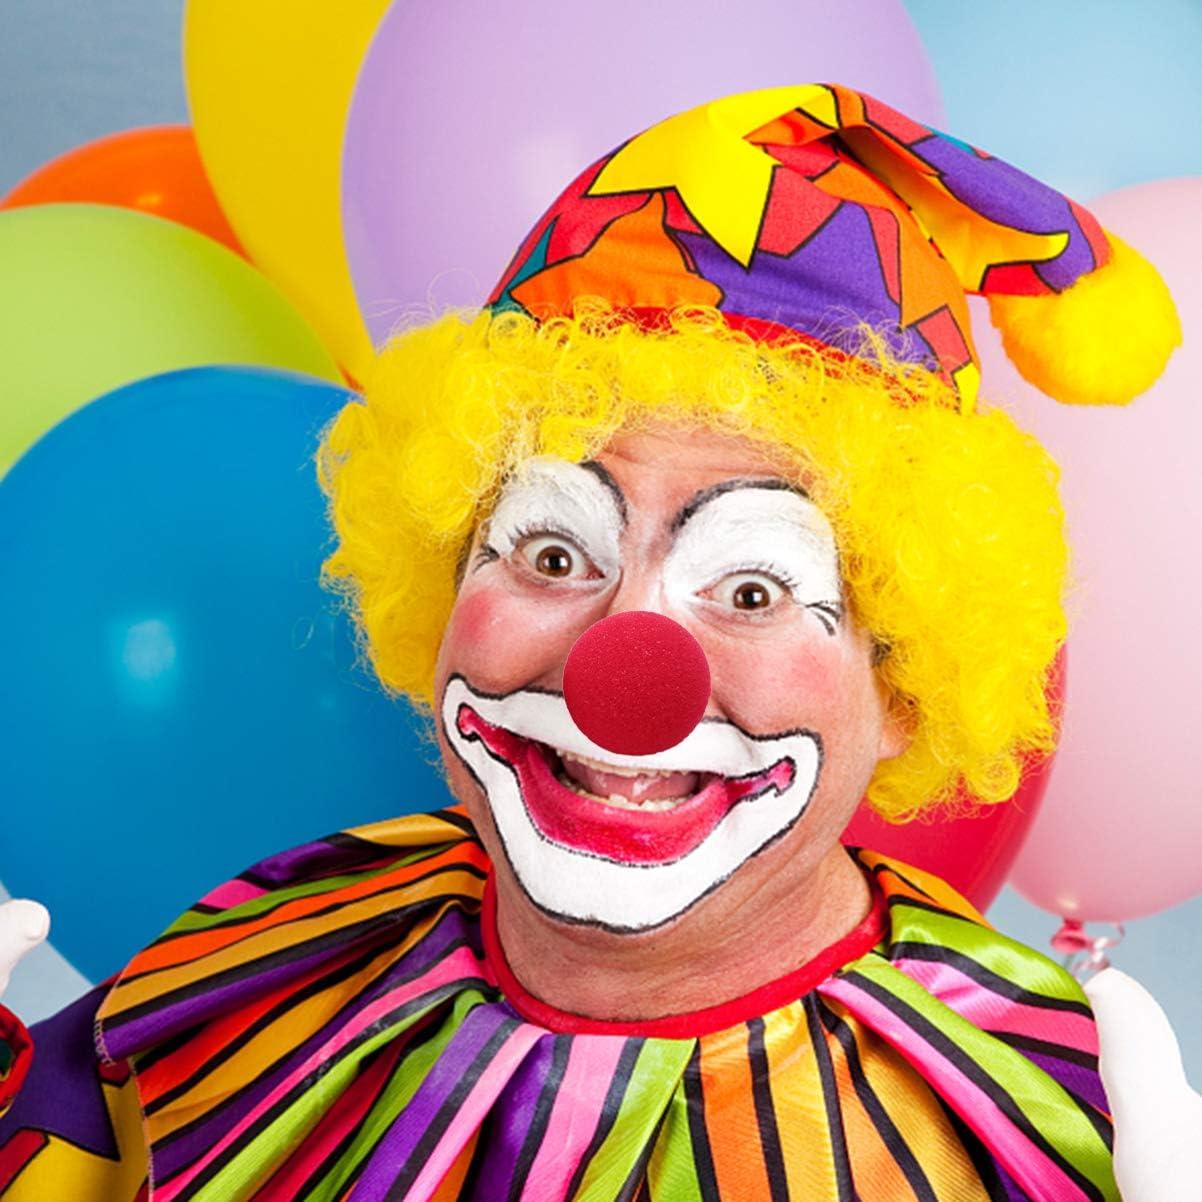 NUOBESTY 20 Piezas Fiesta de Disfraces de Nariz de Payaso Disfraz de Cosplay Nariz Roja Accesorios de Decoraci/ón de Halloween 50Mm Color Aleatorio